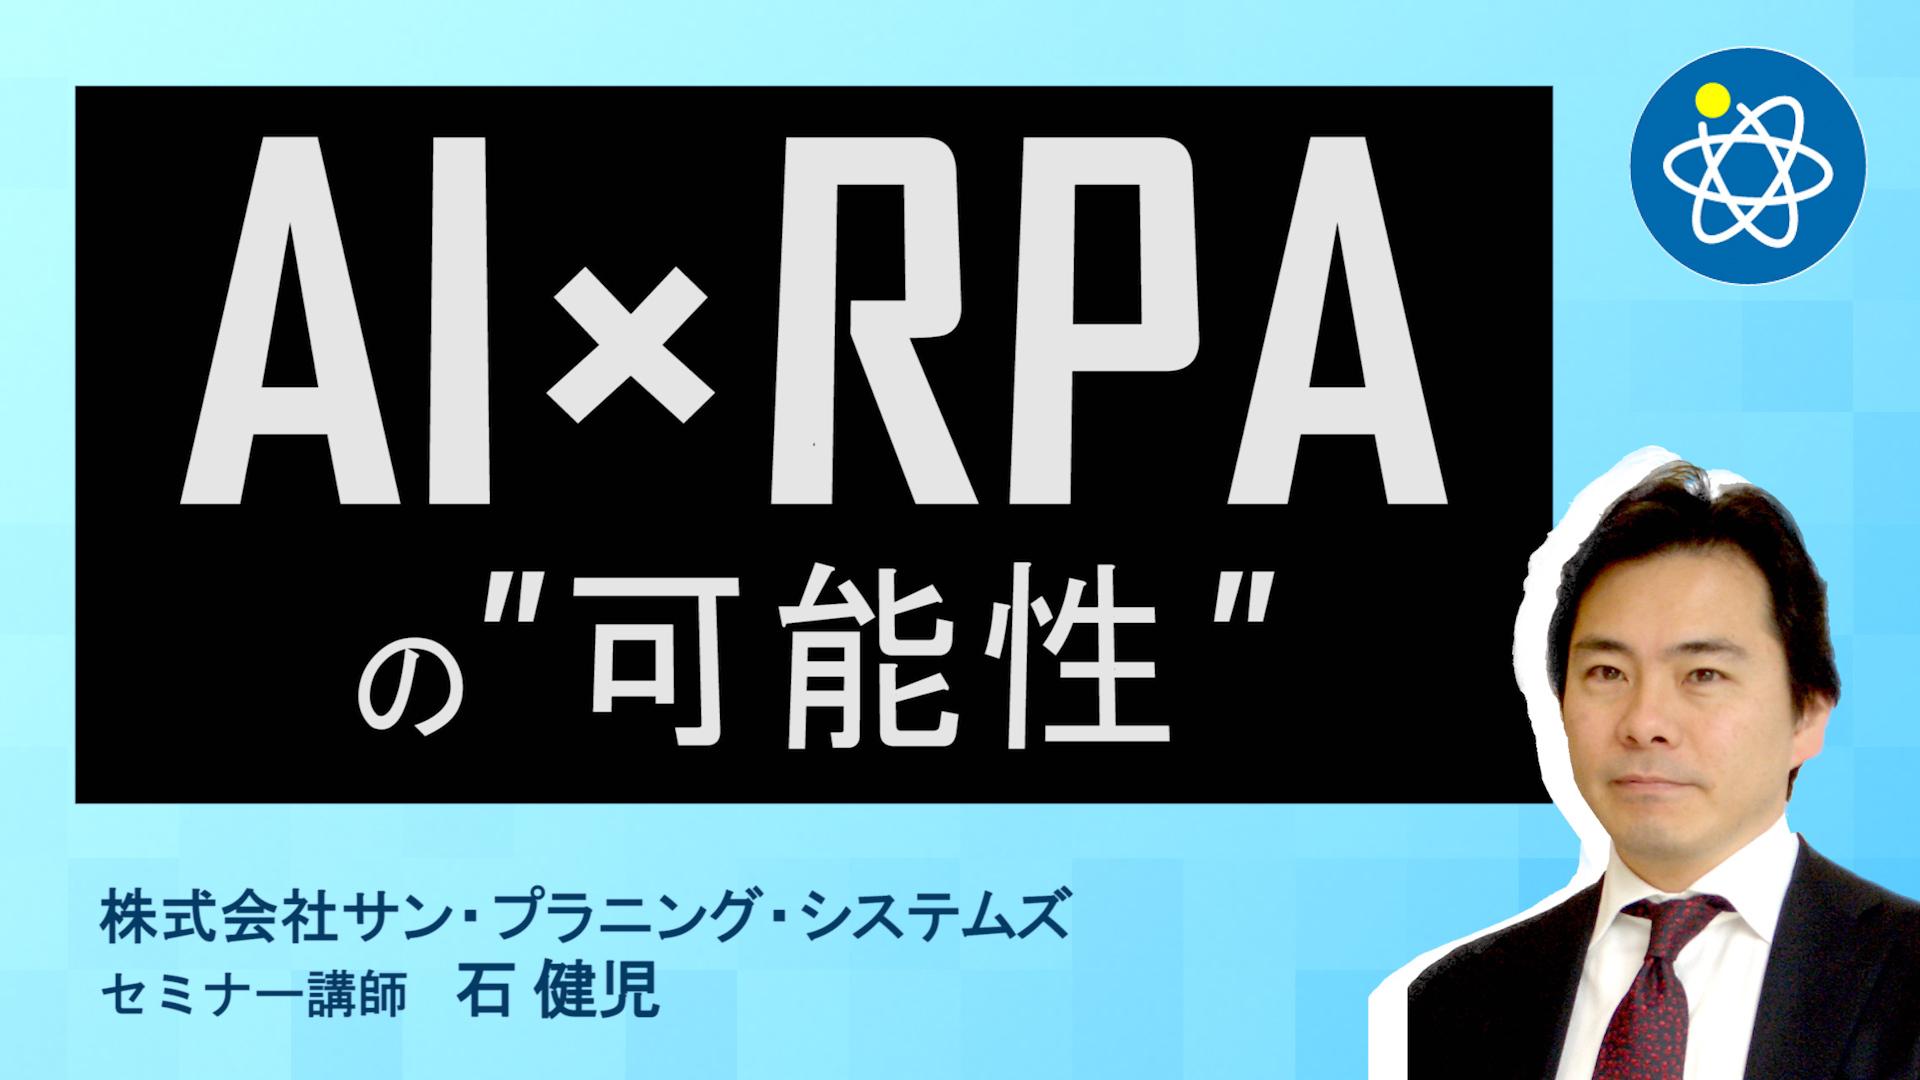 【90秒RPA】RPA×AIが拓く未来【UiPathセミナー講師が解説】